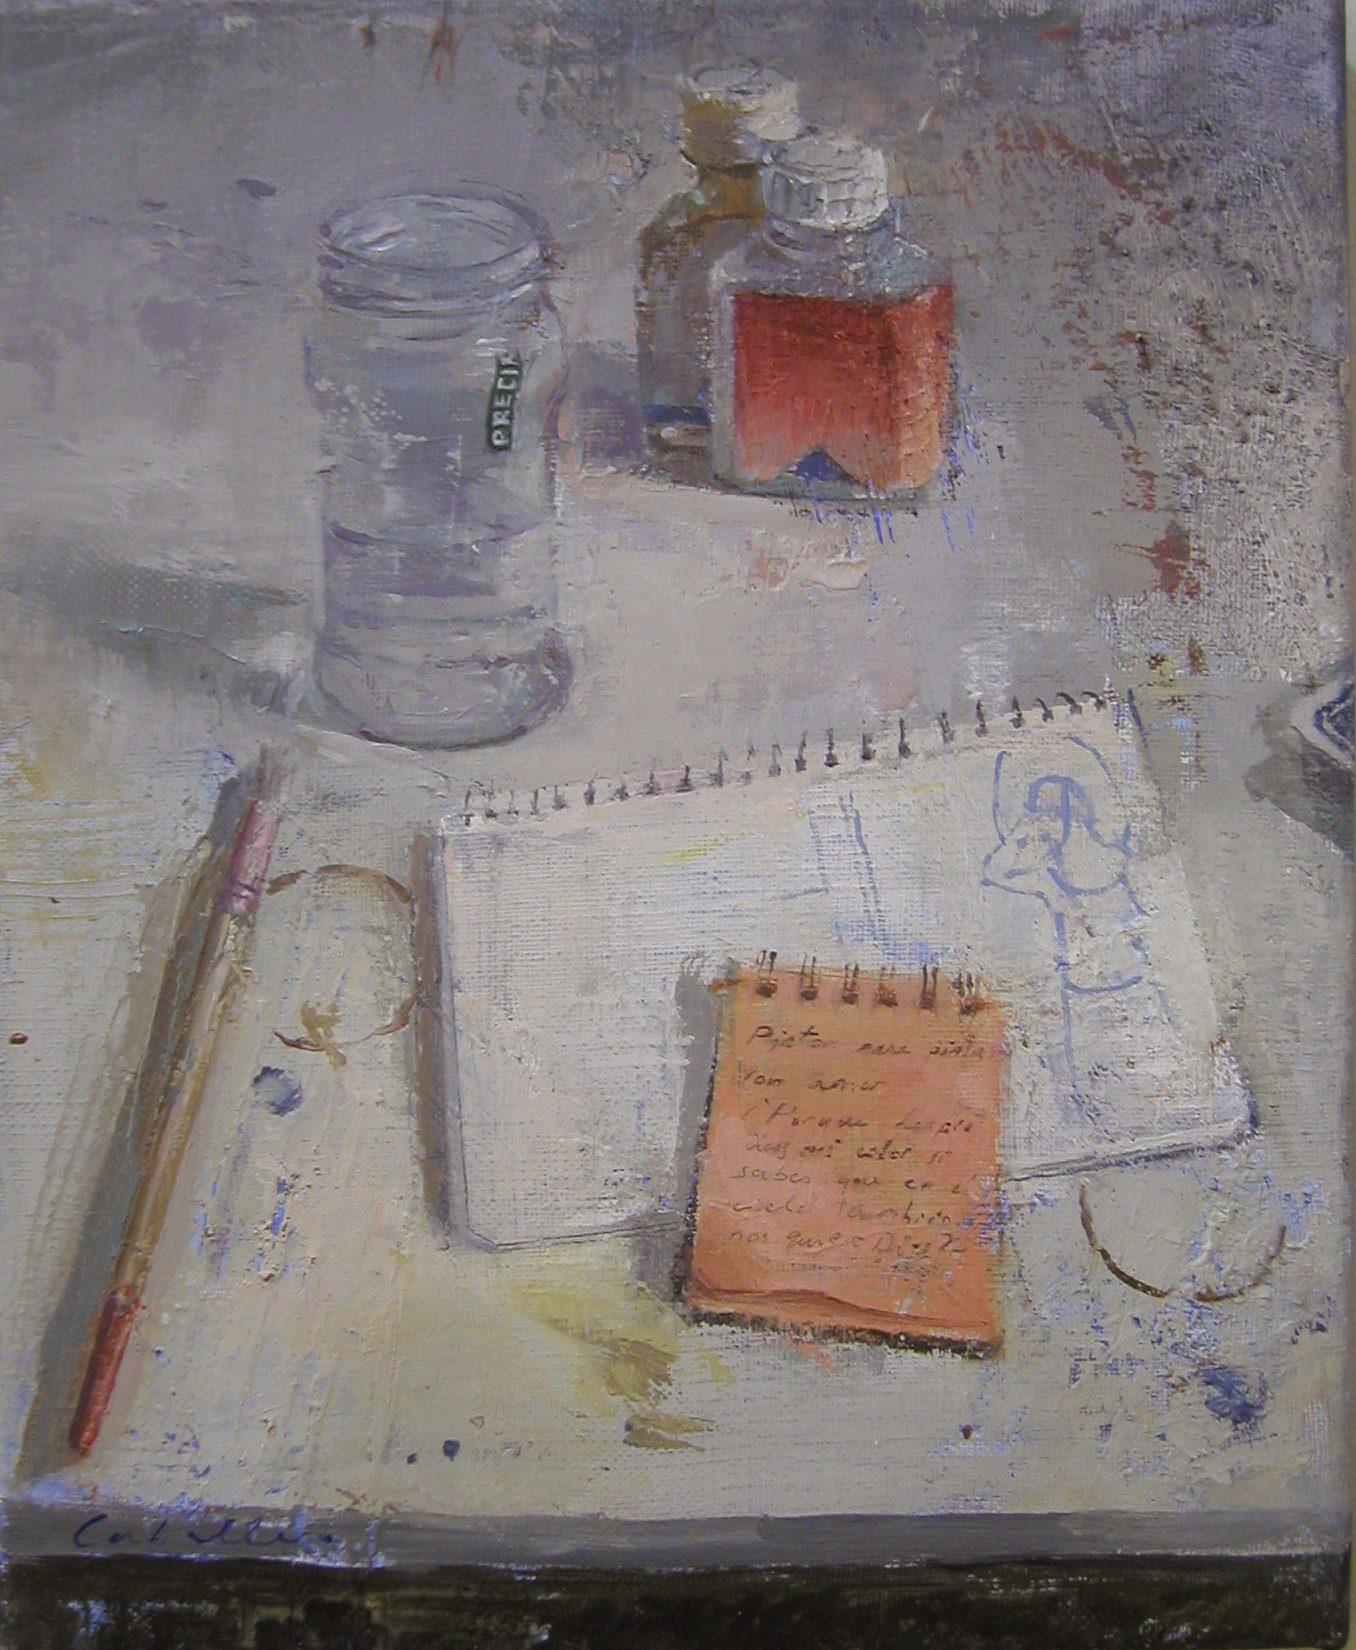 mesa-de-pintor-botes-pincel-objetos-alejandra-caballero